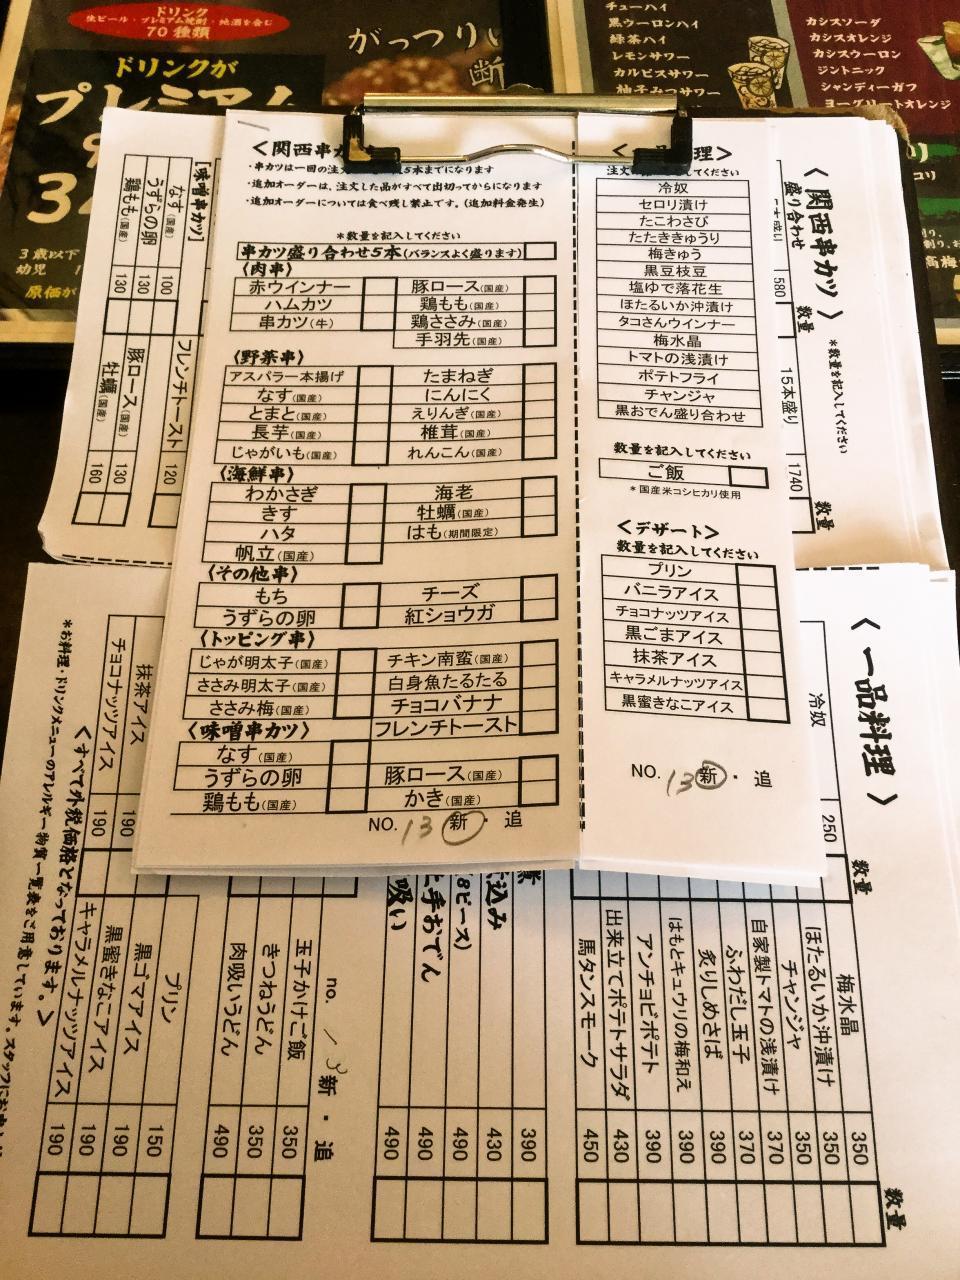 関西串カツまるりゅうたまプラーザ店(メニュー)